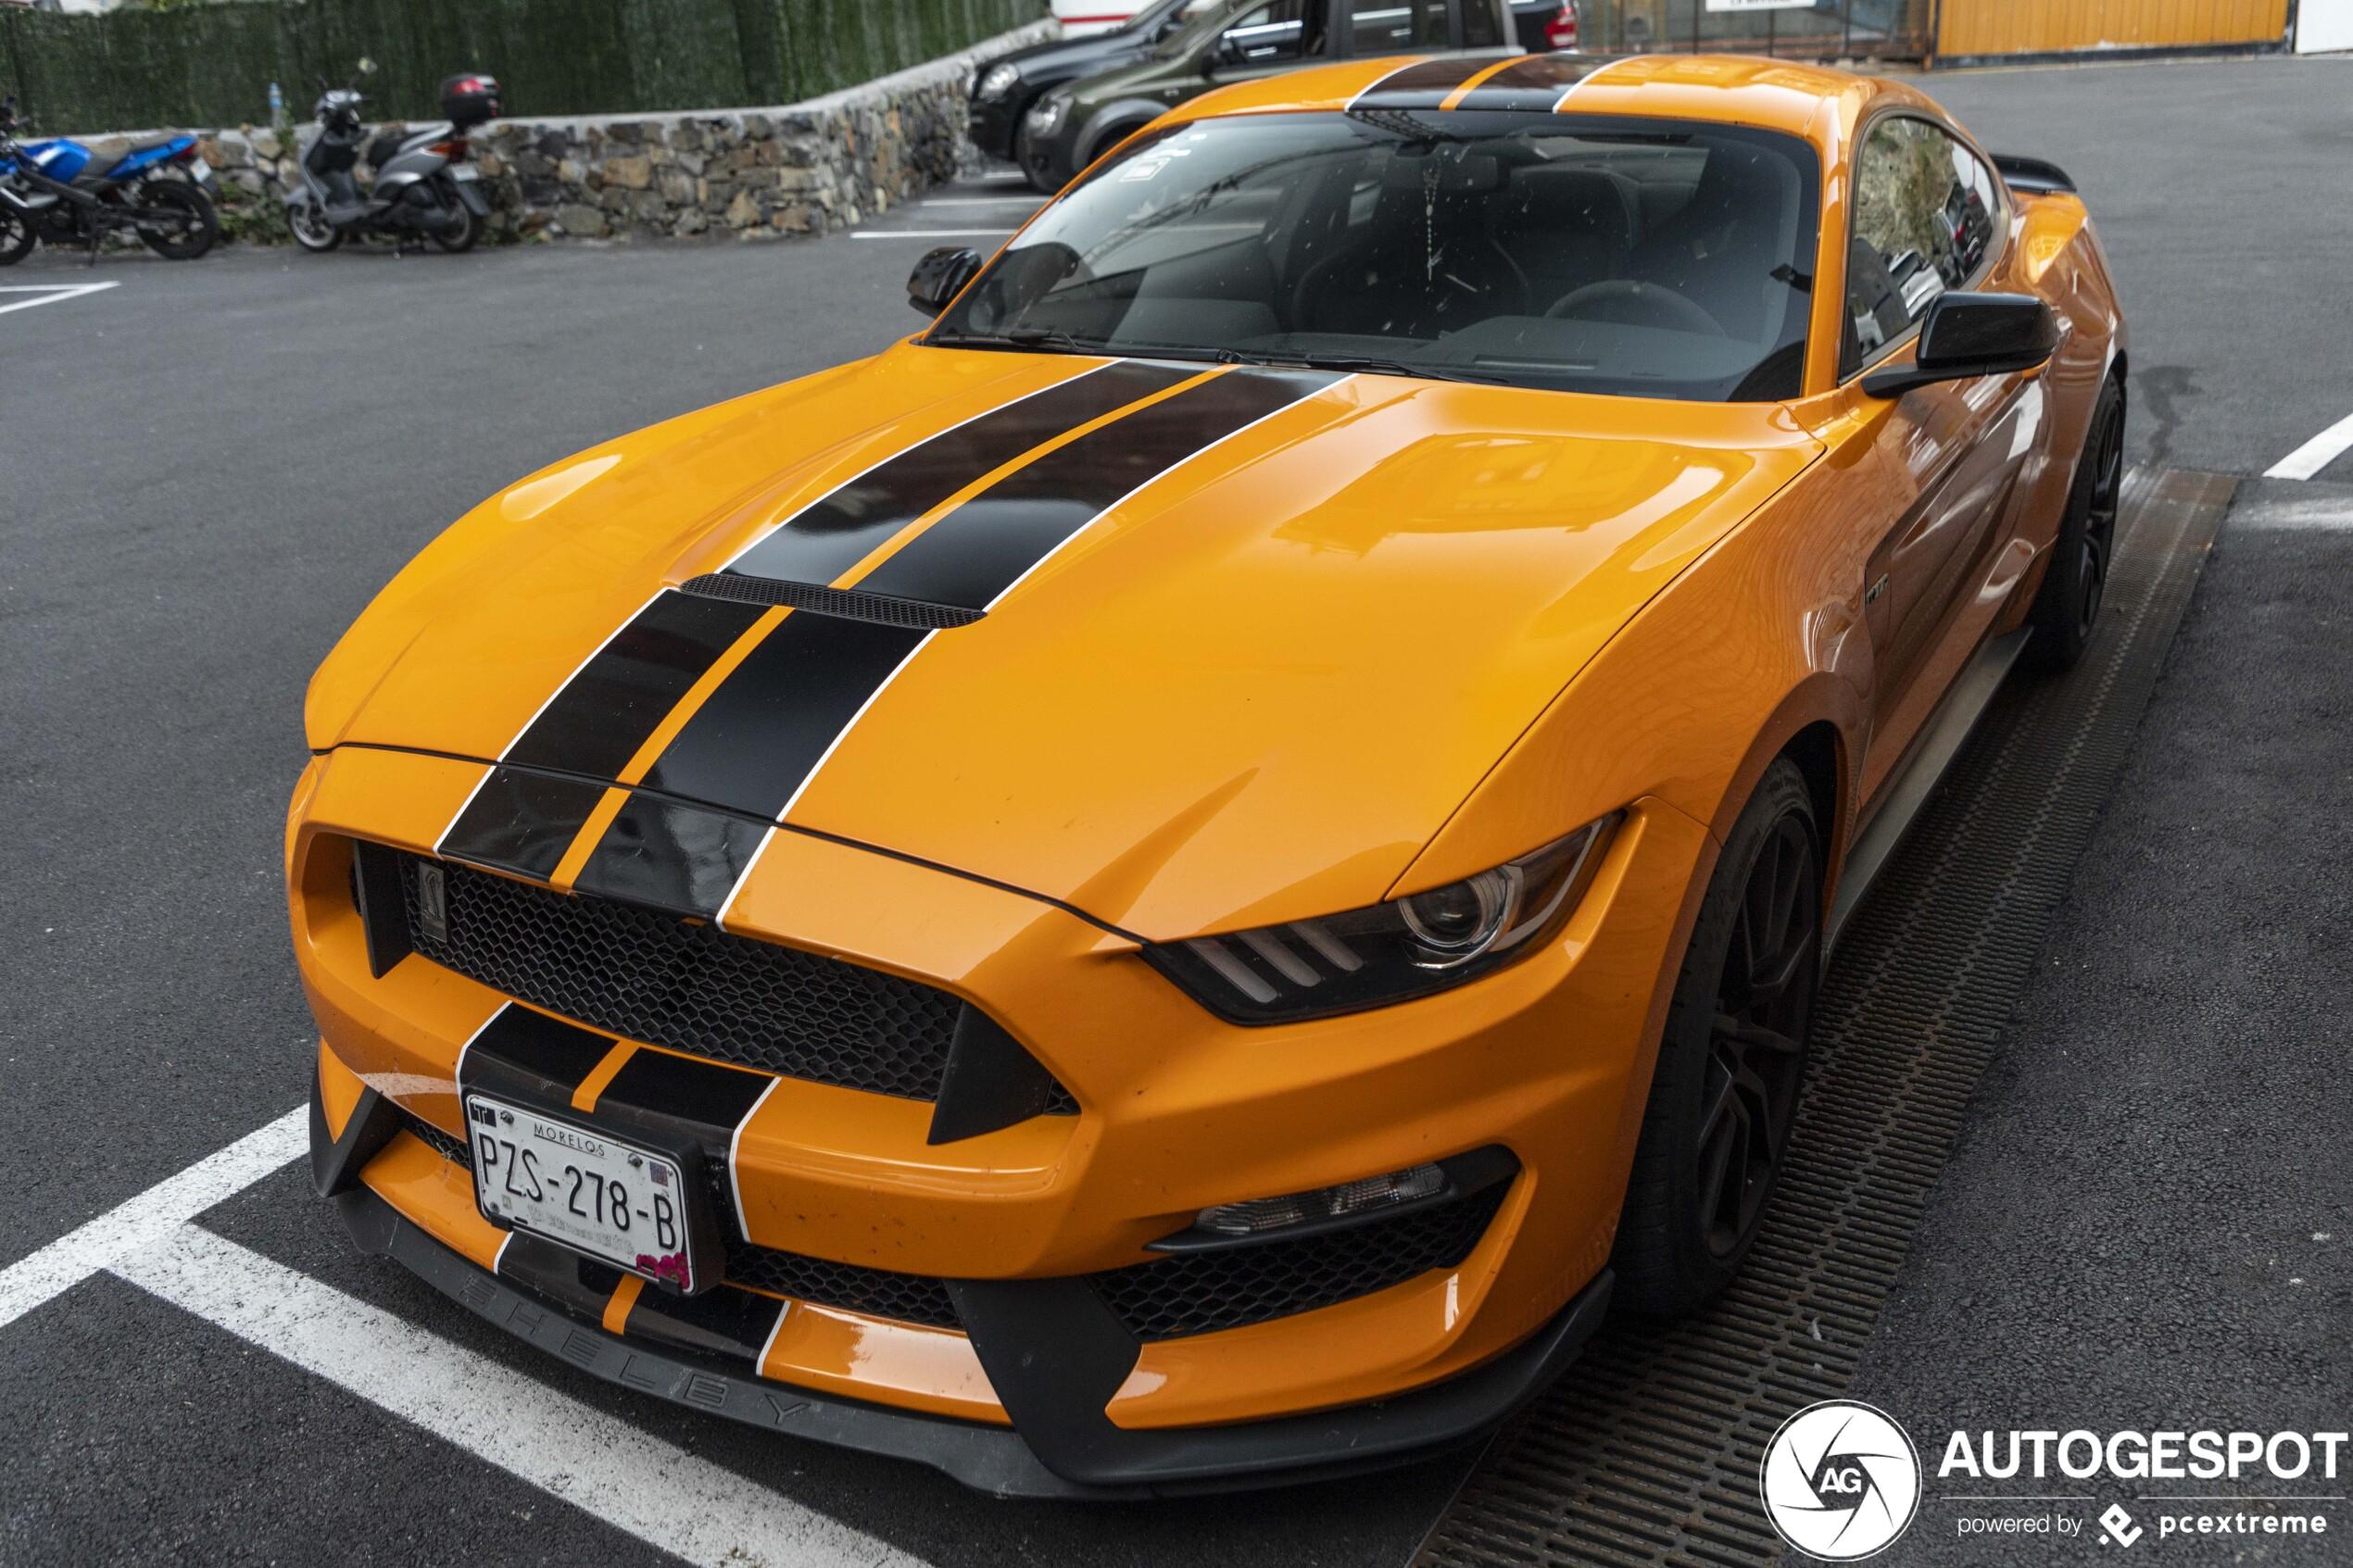 2020 Gt Mustang Weight